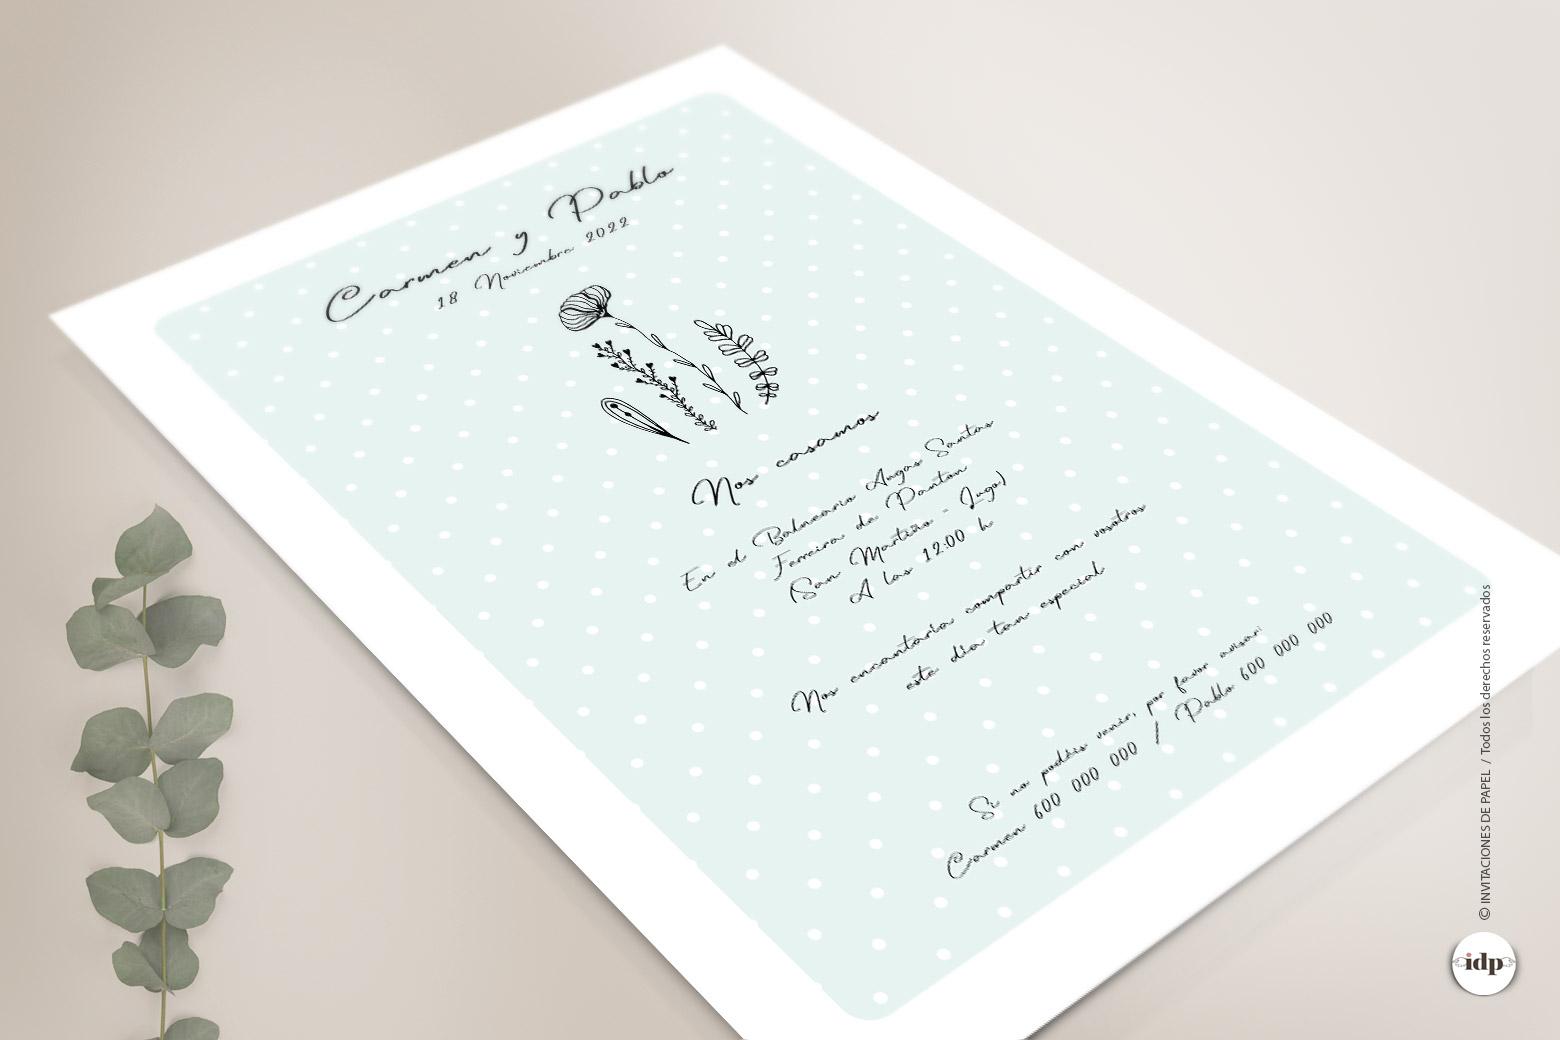 Invitaciones de Boda Sencillas y Originales con Ilustraciones de Flores y Ramas de Hojas